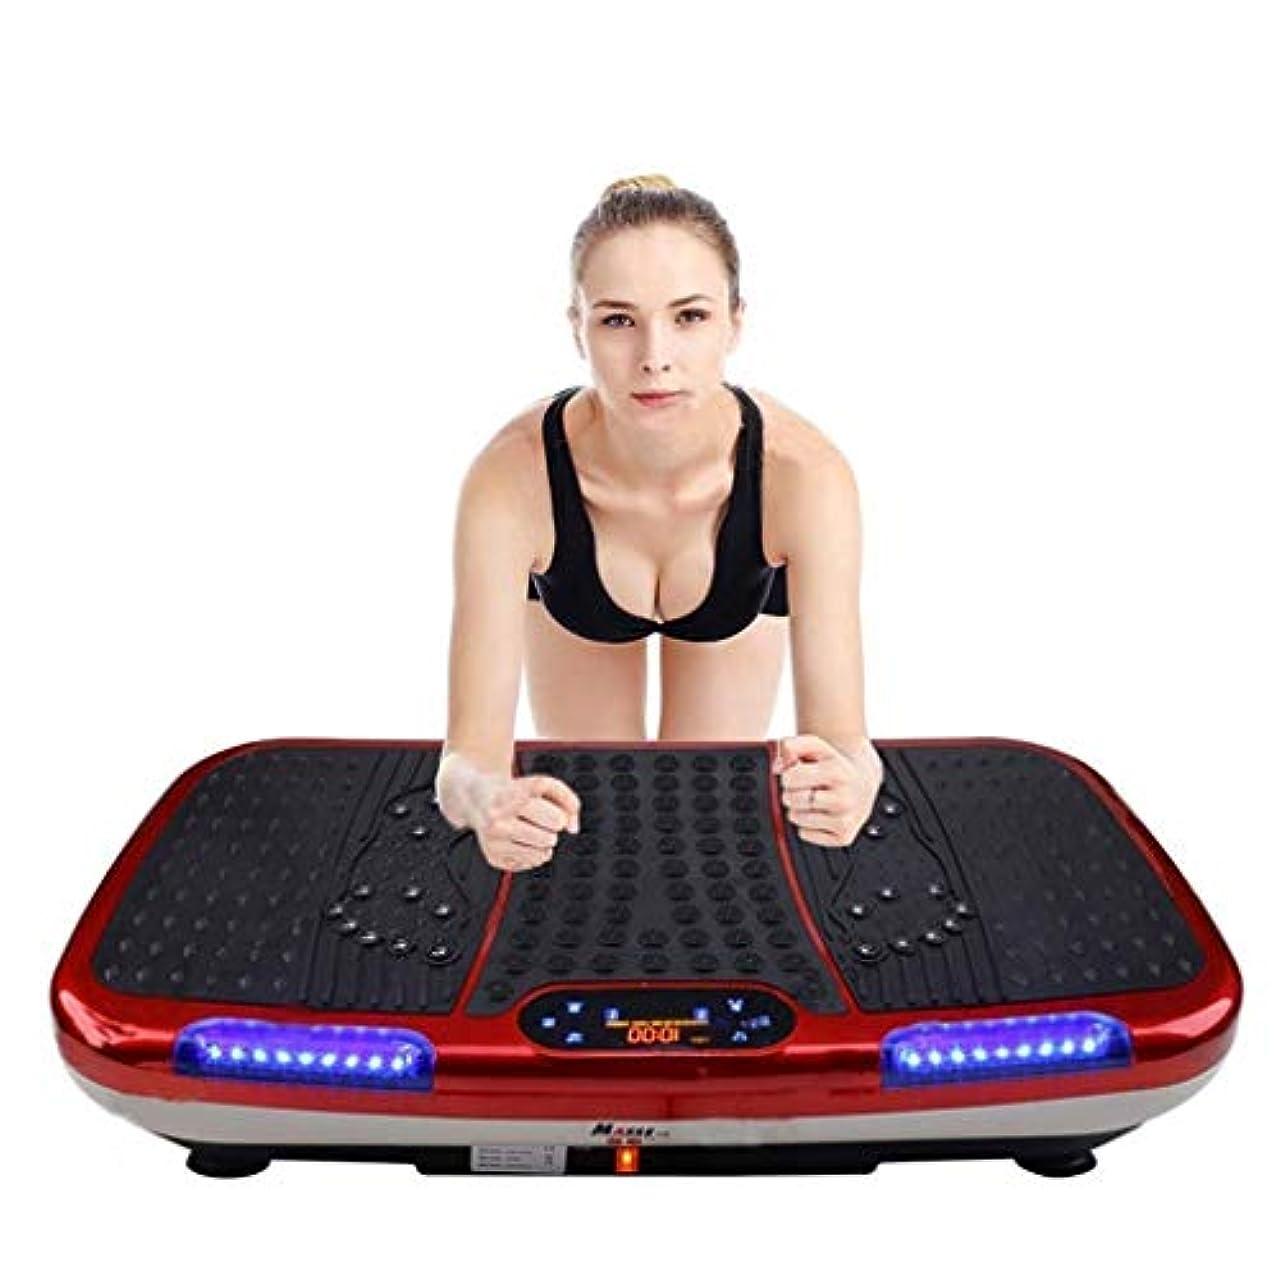 宿ヒョウ保証減量装置、全身フィットネス振動トレーナー、Bluetooth音楽スピーカー、過剰な脂肪を減らすホームジム